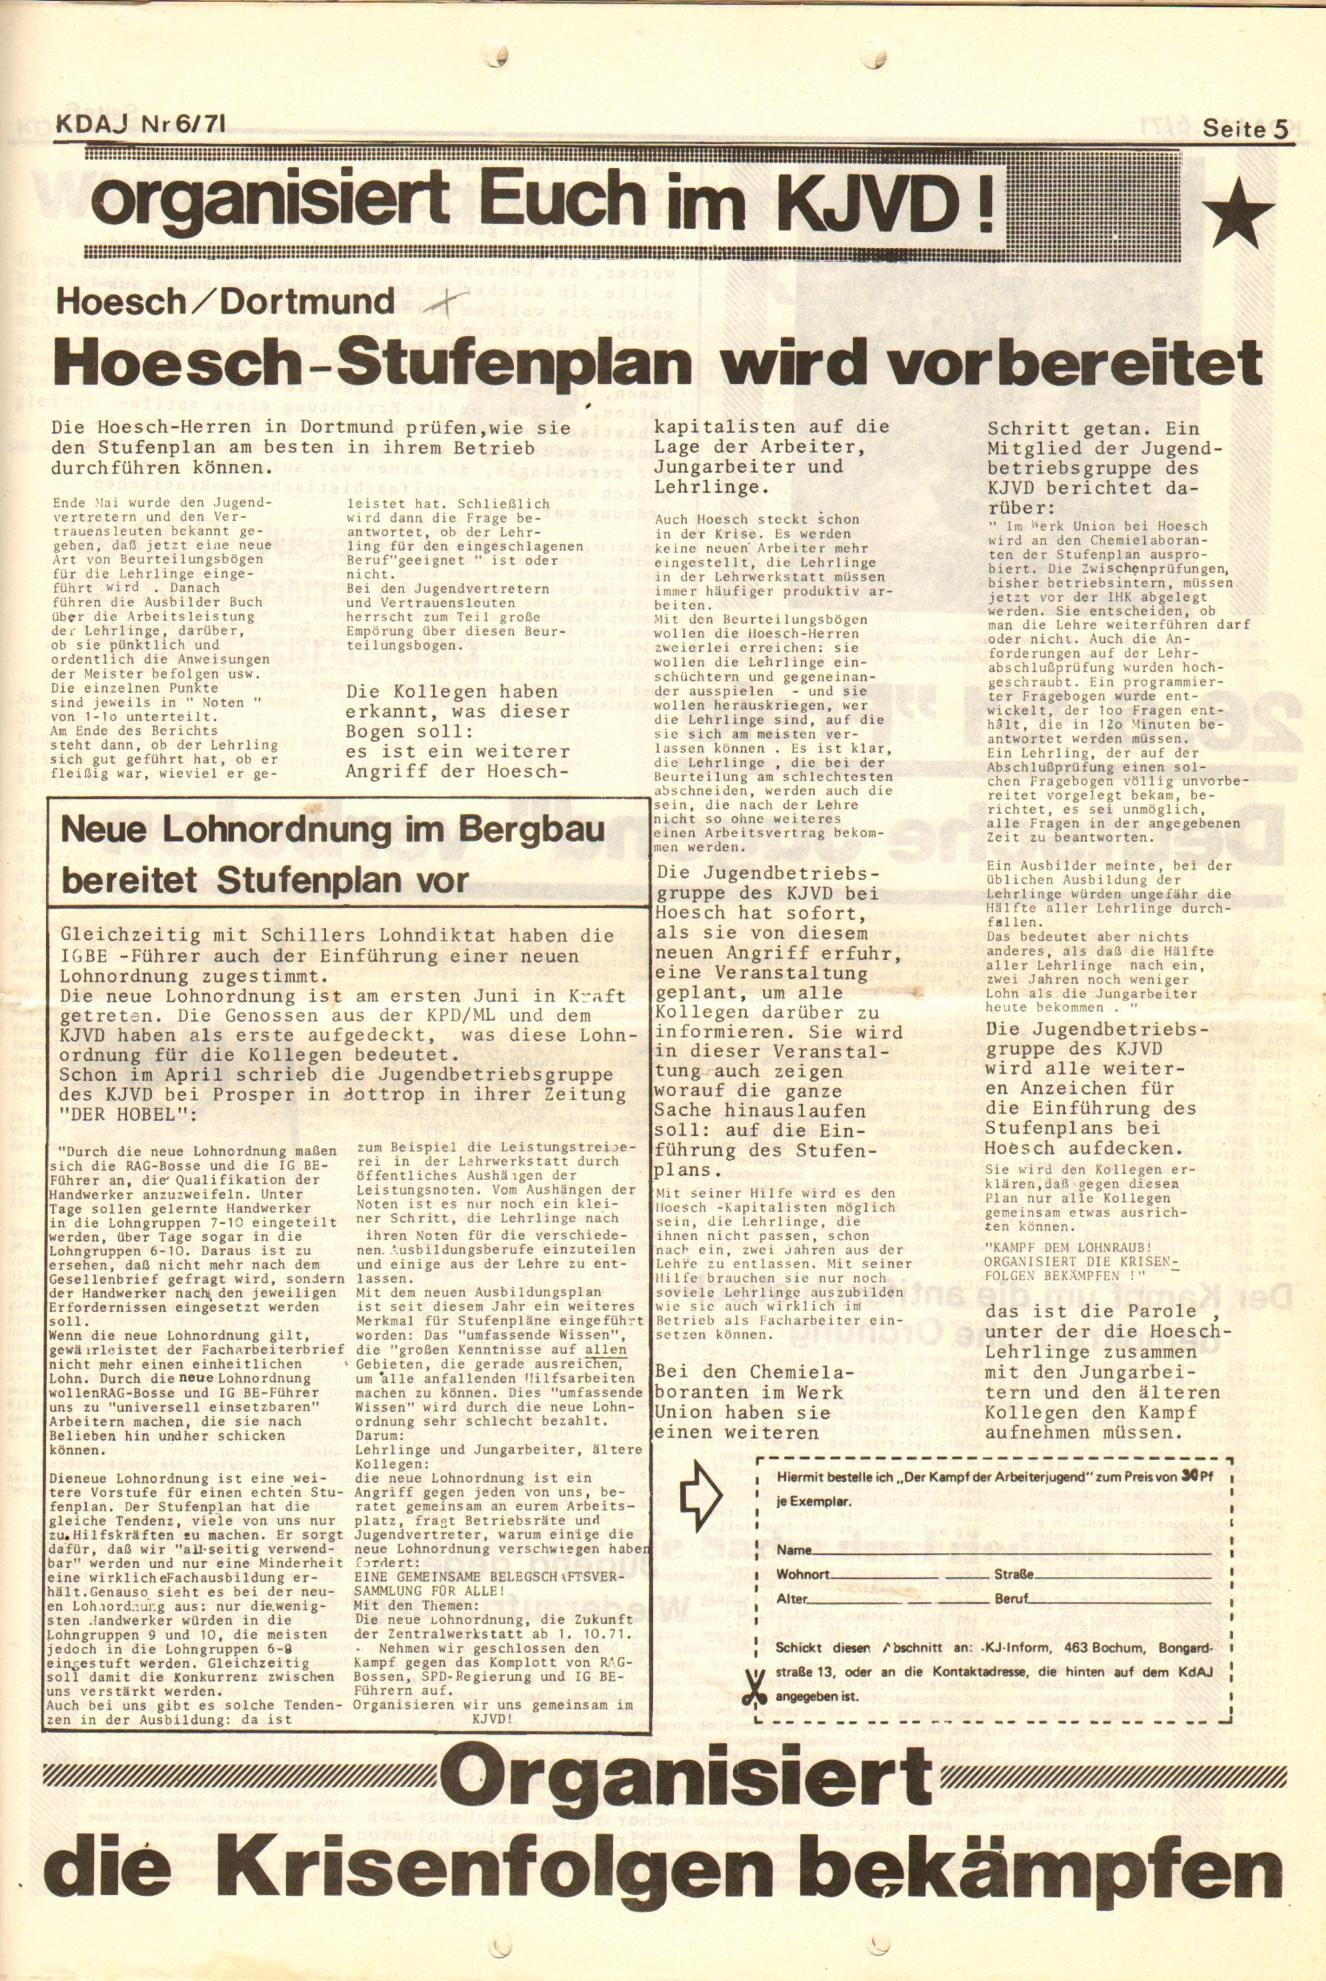 KDAJ, 2. Jg., Juni 1971, Nr. 6, Seite 5